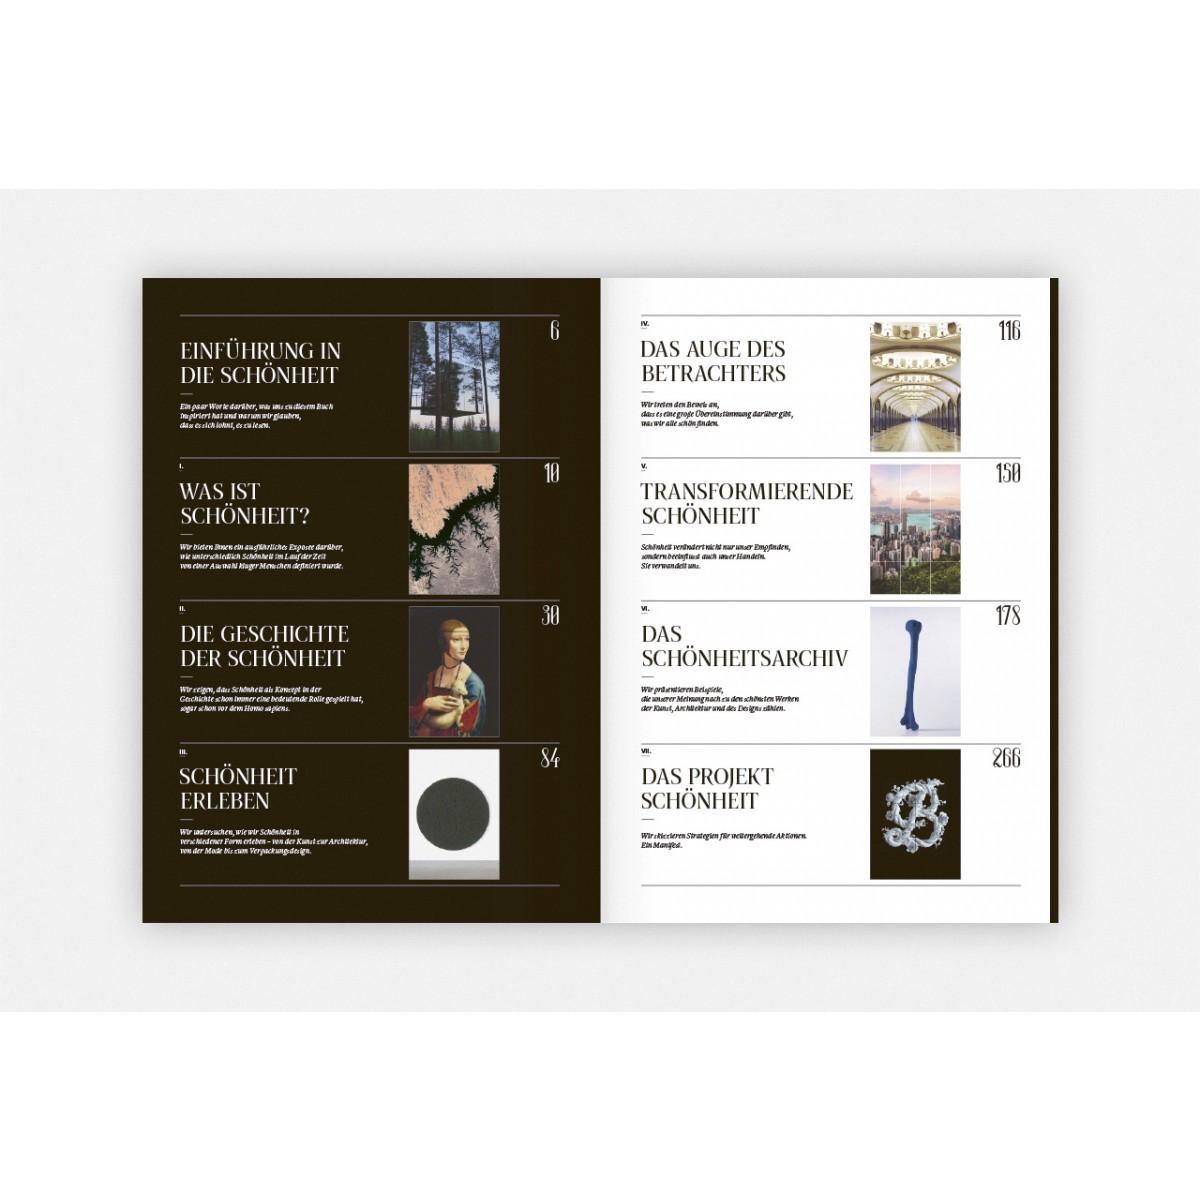 Sagmeister & Walsh: Beauty Schönheit als Schlüsselkonzept für die Gestaltung der Zukunft